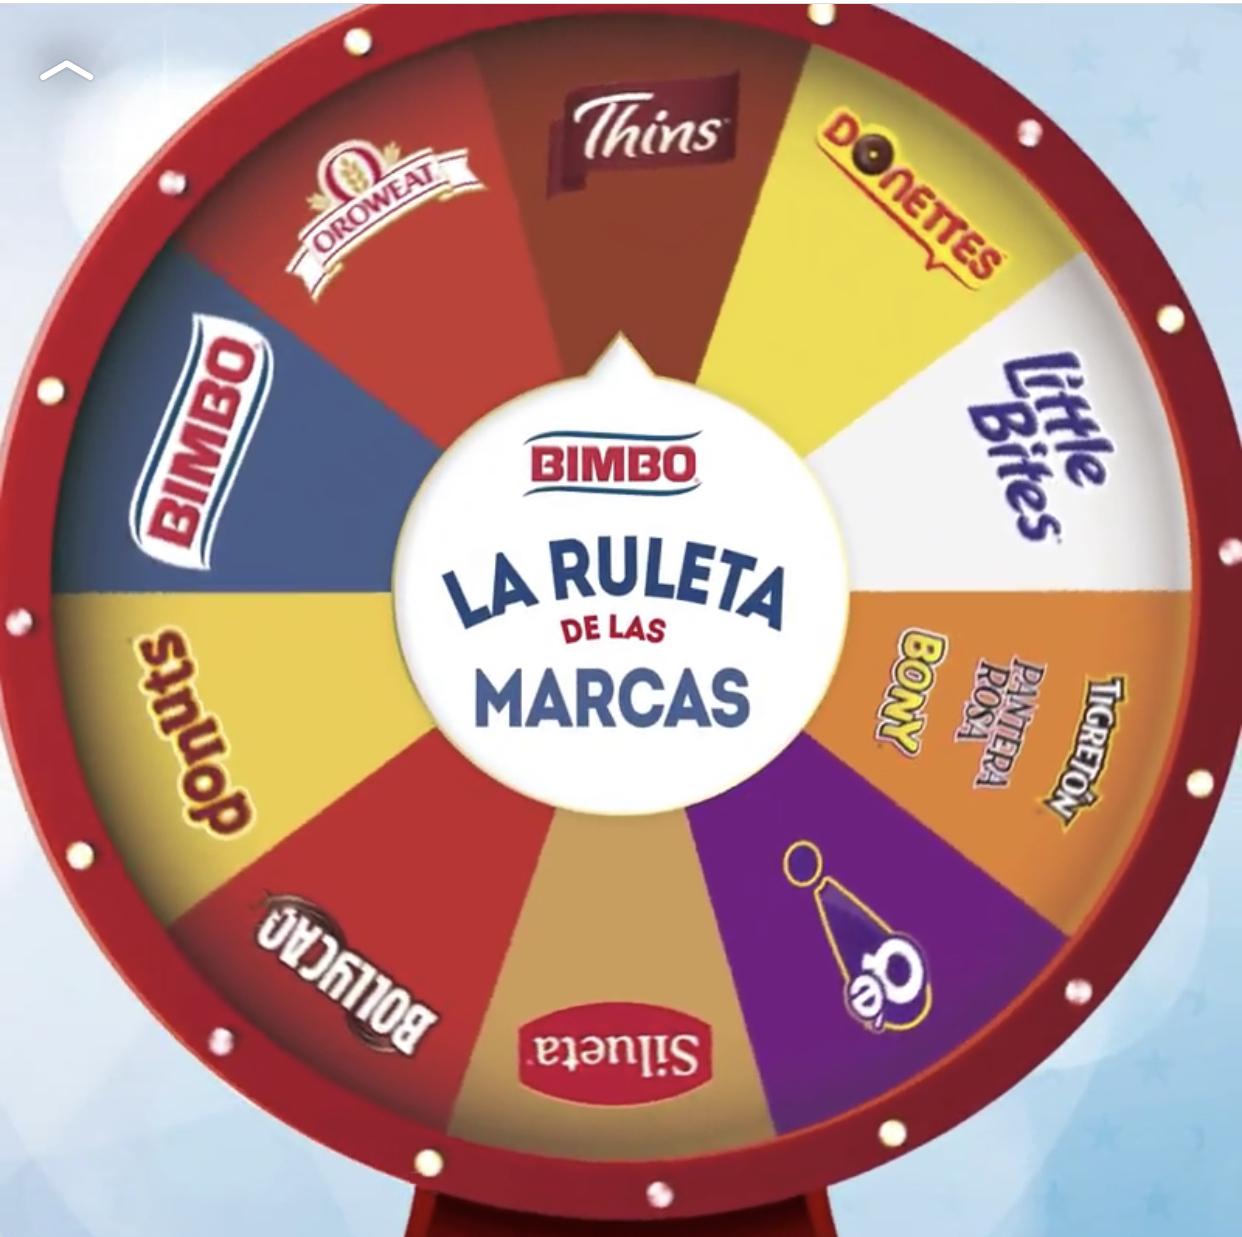 Compra 2 productos de las marcas de la ruleta, sube tu ticket y ¡gana cientos de premios!